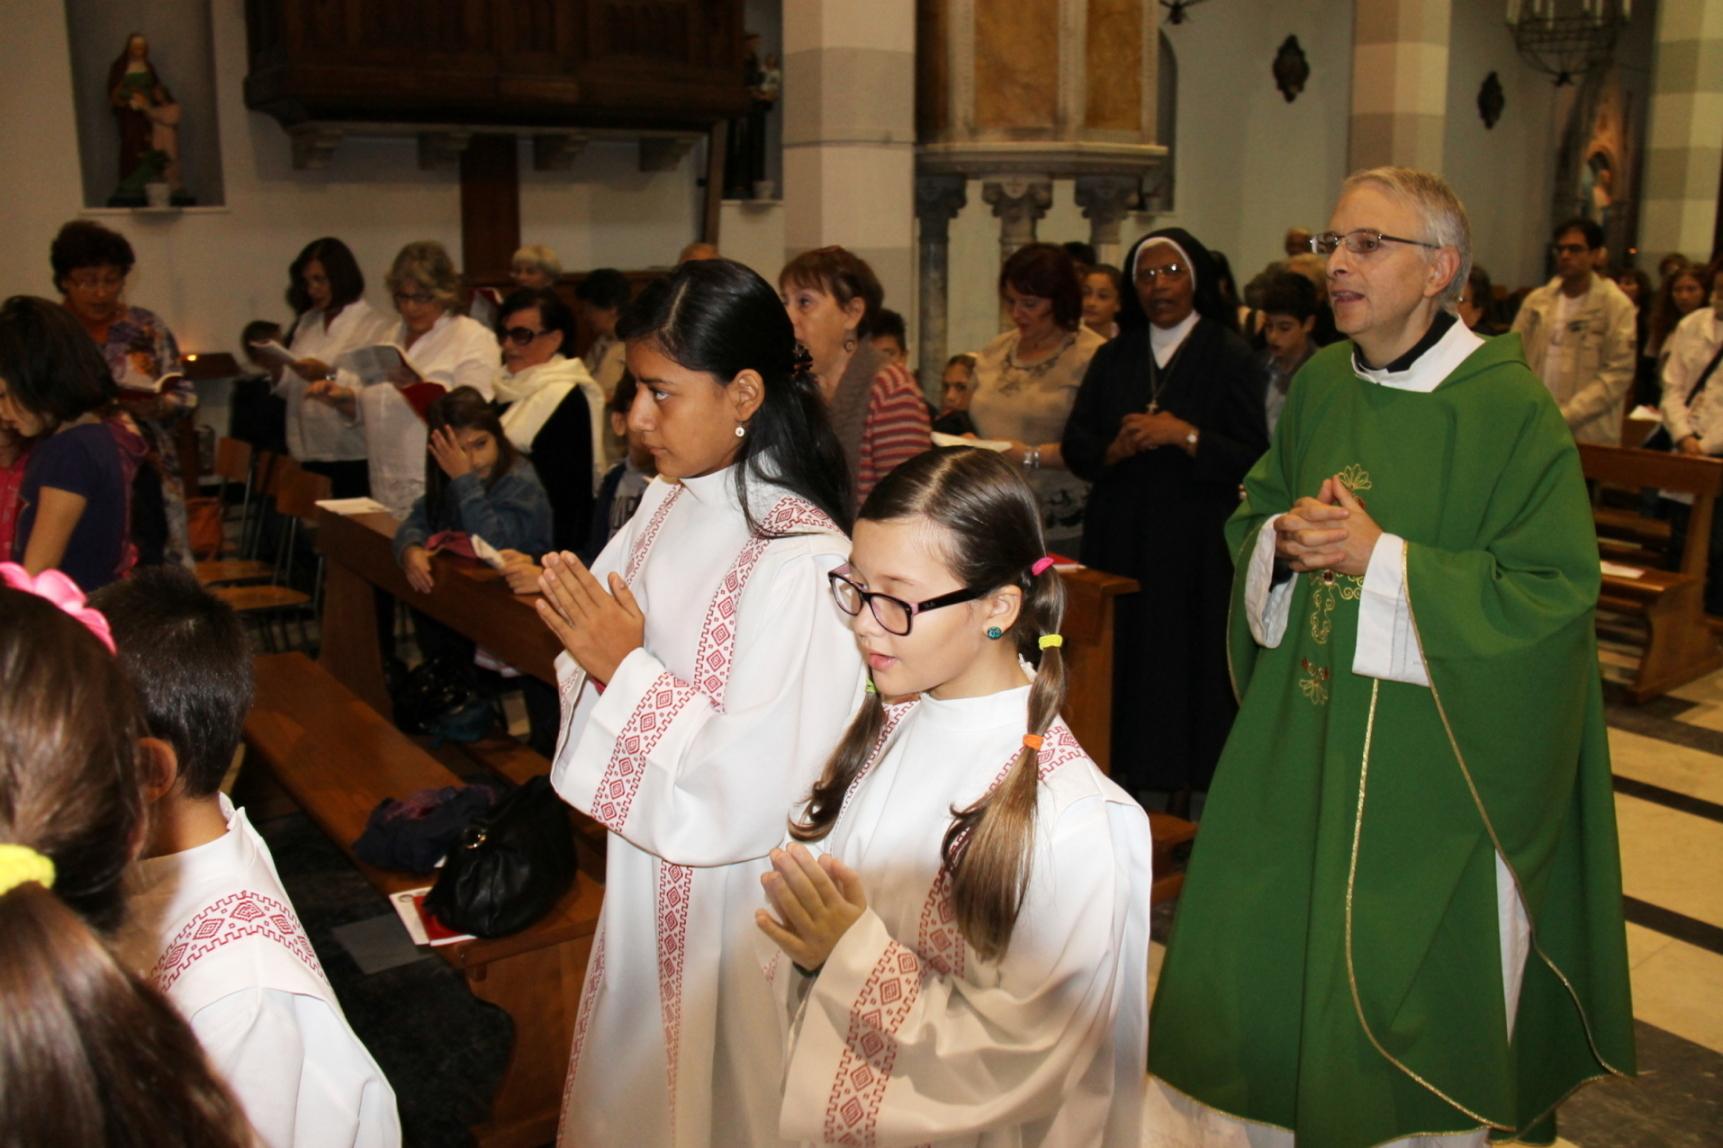 inaugurazione_anno_catechistico_e_anno_della_fede_2012-10-07-11-03-26